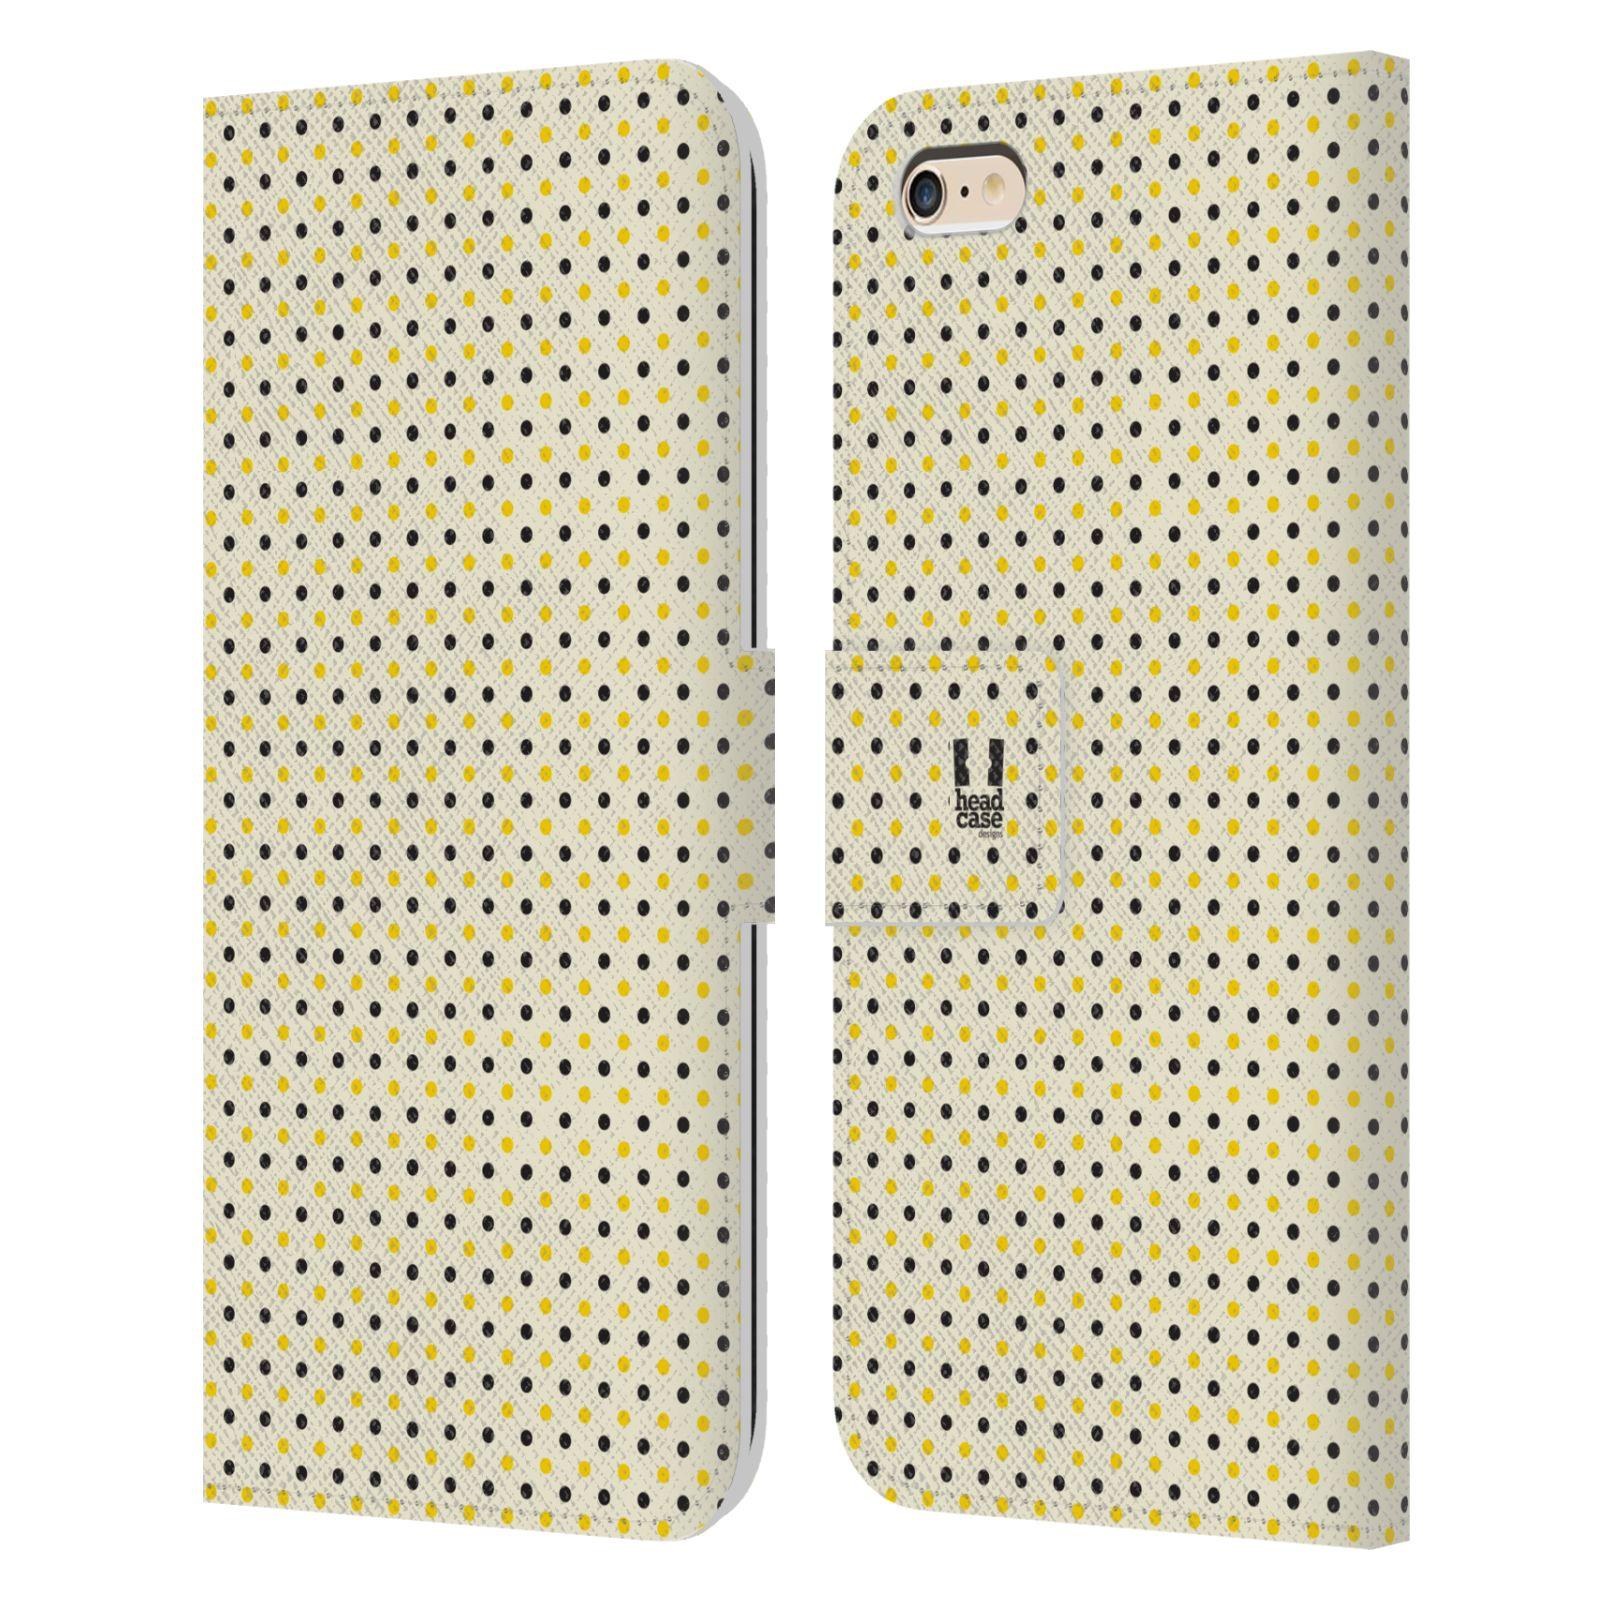 HEAD CASE Flipové pouzdro pro mobil Apple Iphone 6 PLUS / 6S PLUS VČELÍ VZOR tečky a puntíky